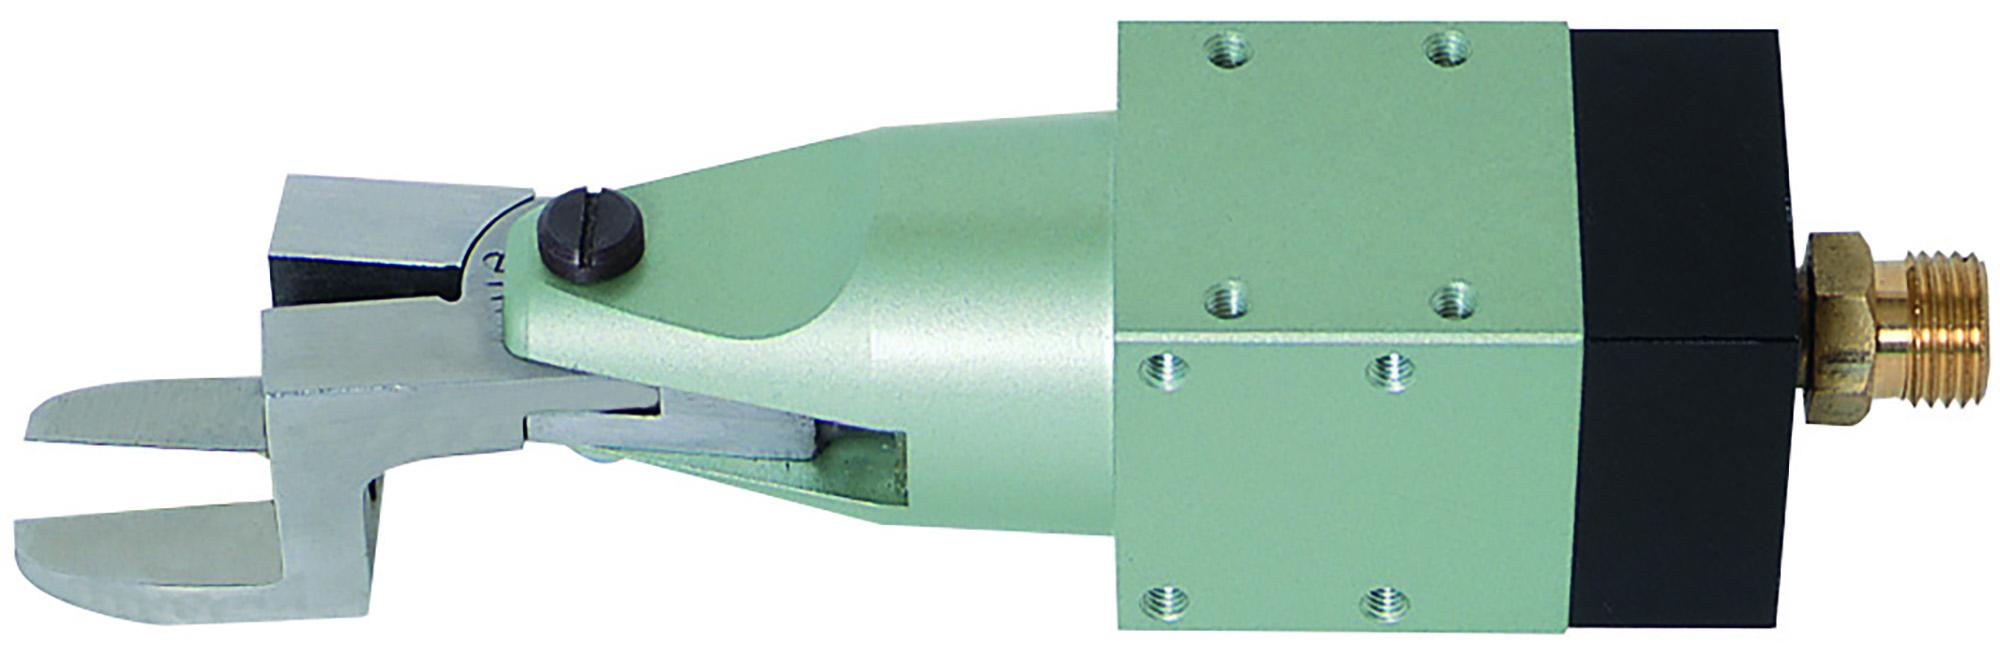 MSK型 機械取付式角型エアーニッパ 前方部丸型